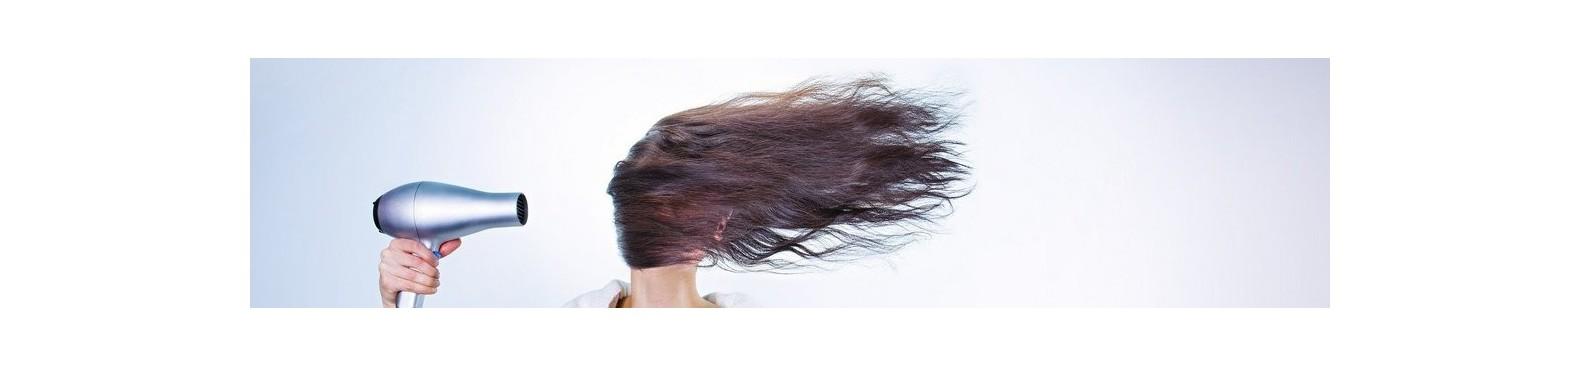 Haarbalsam + Haarspitzenbutter